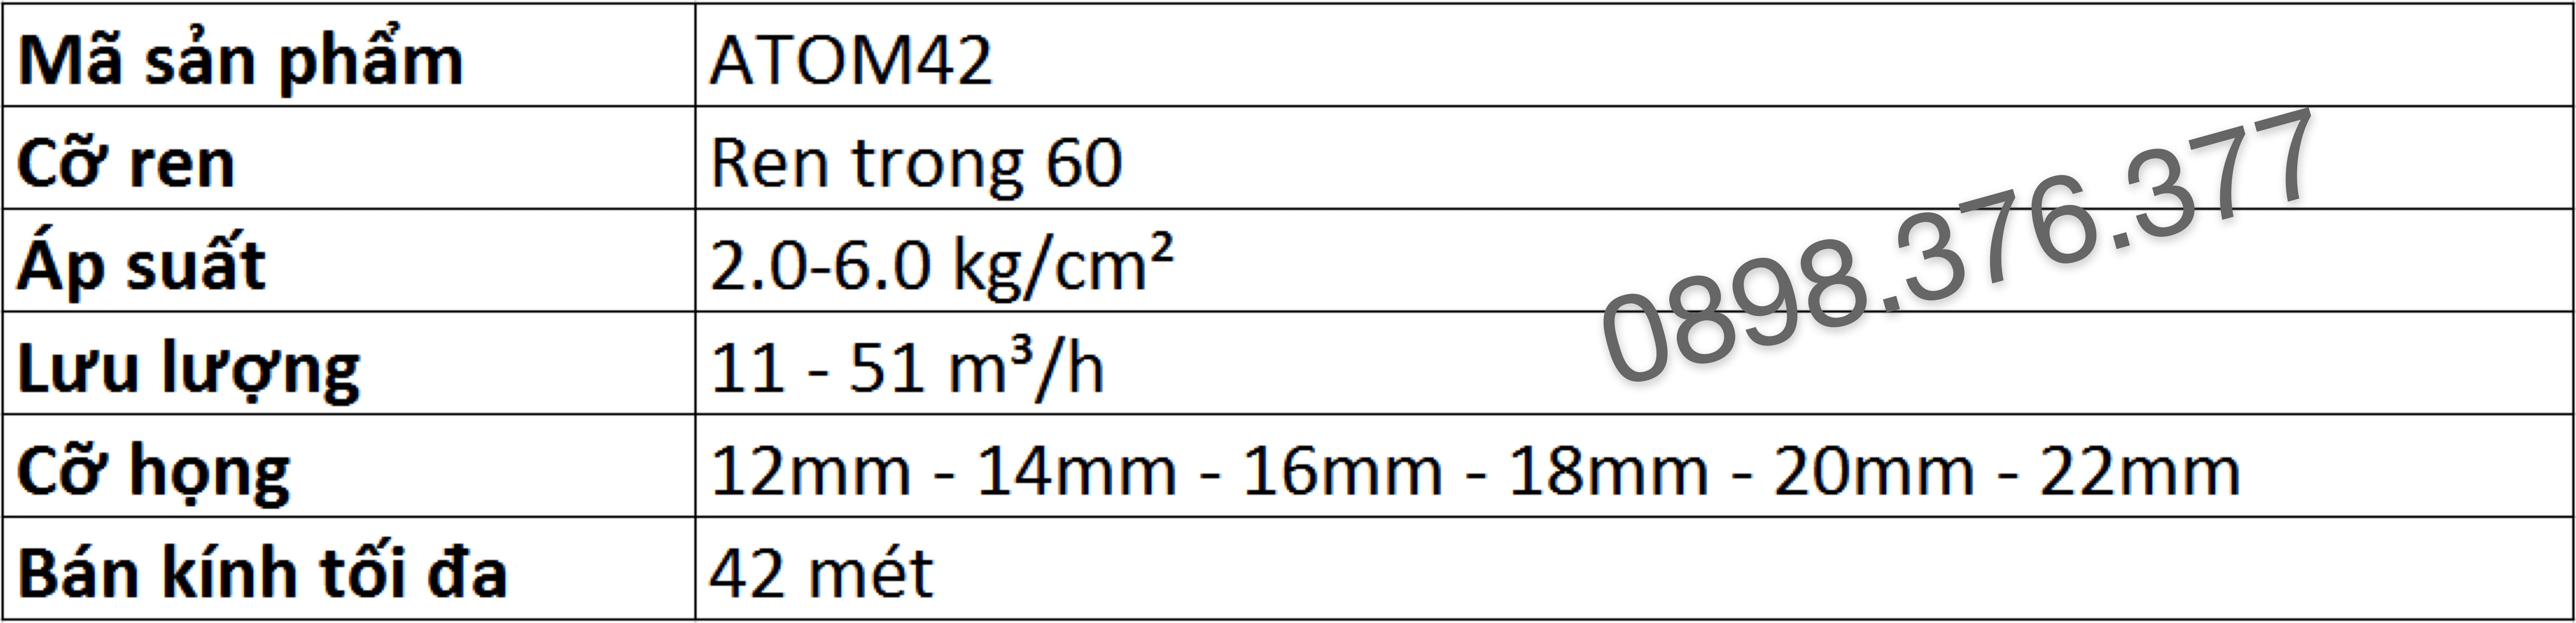 thông số kỹ thuật béc atom 42